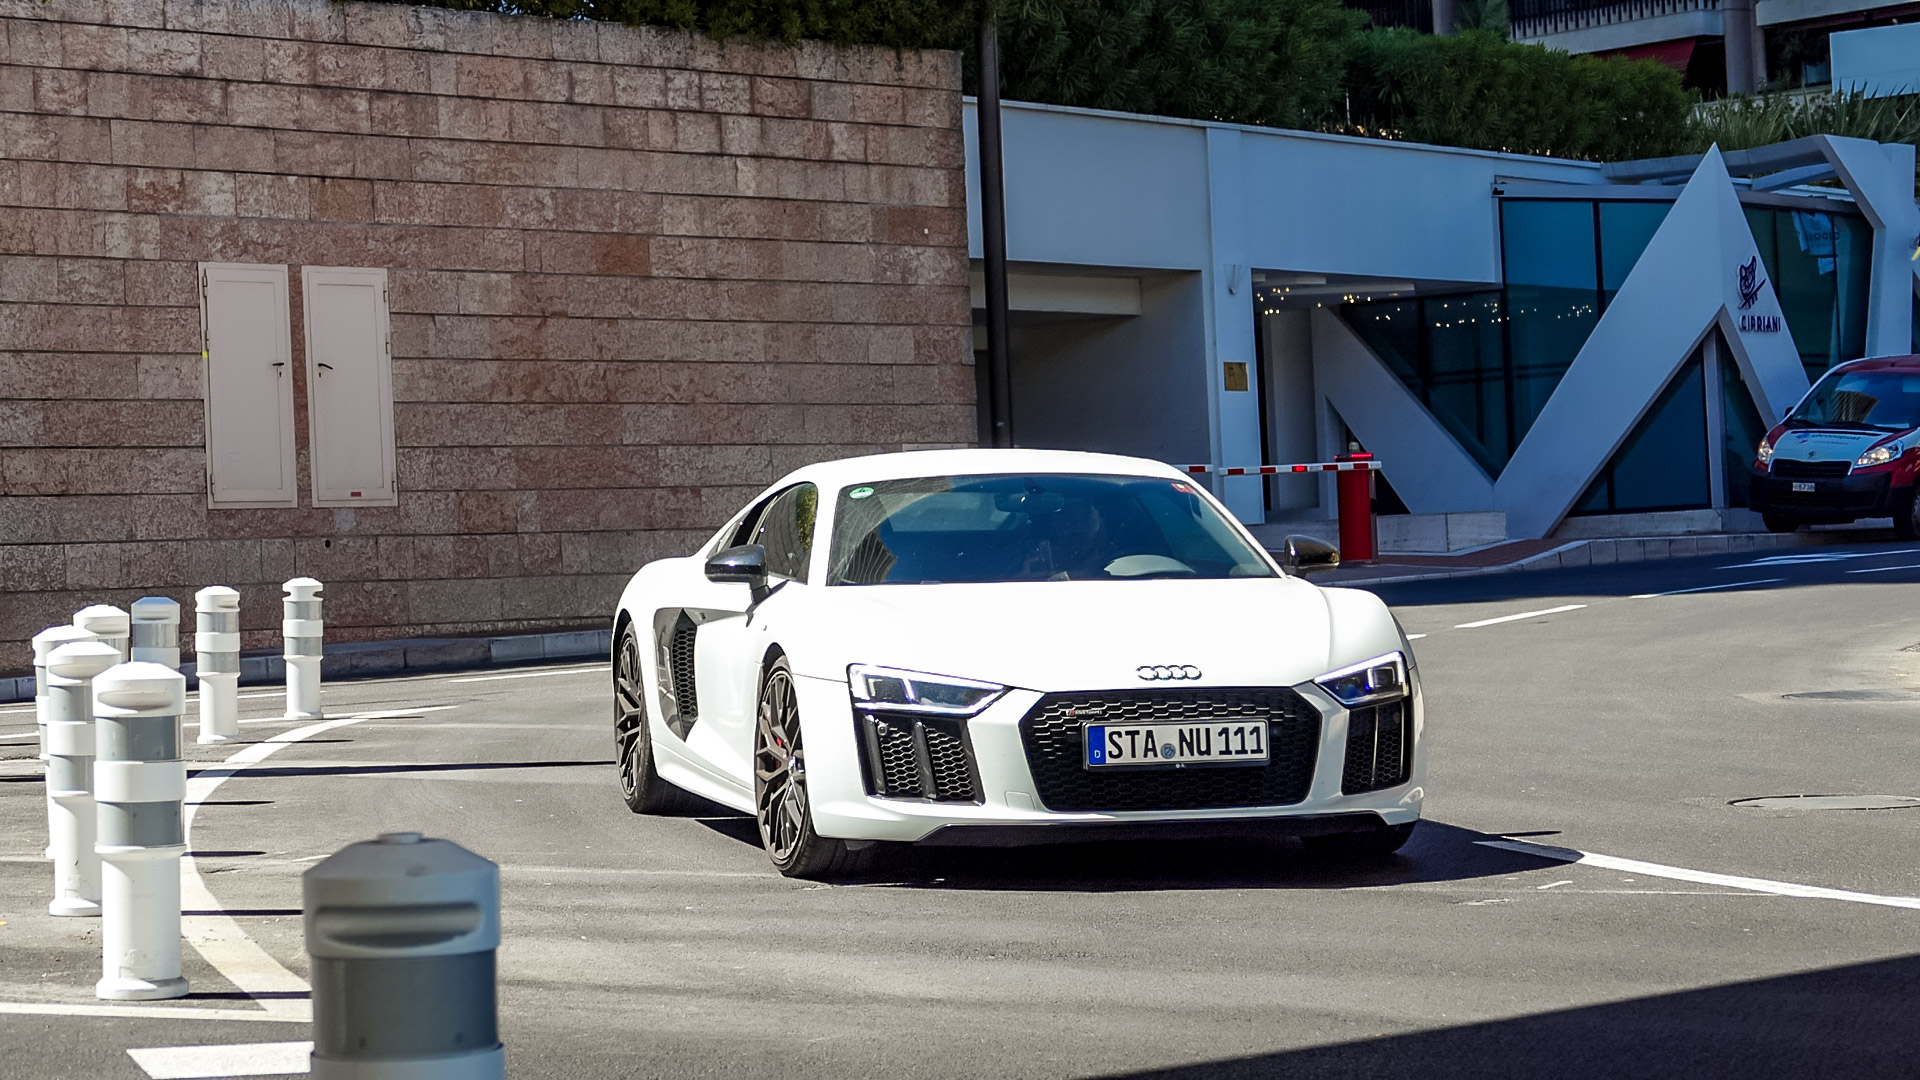 Audi R8 V10 - STA-NU-111